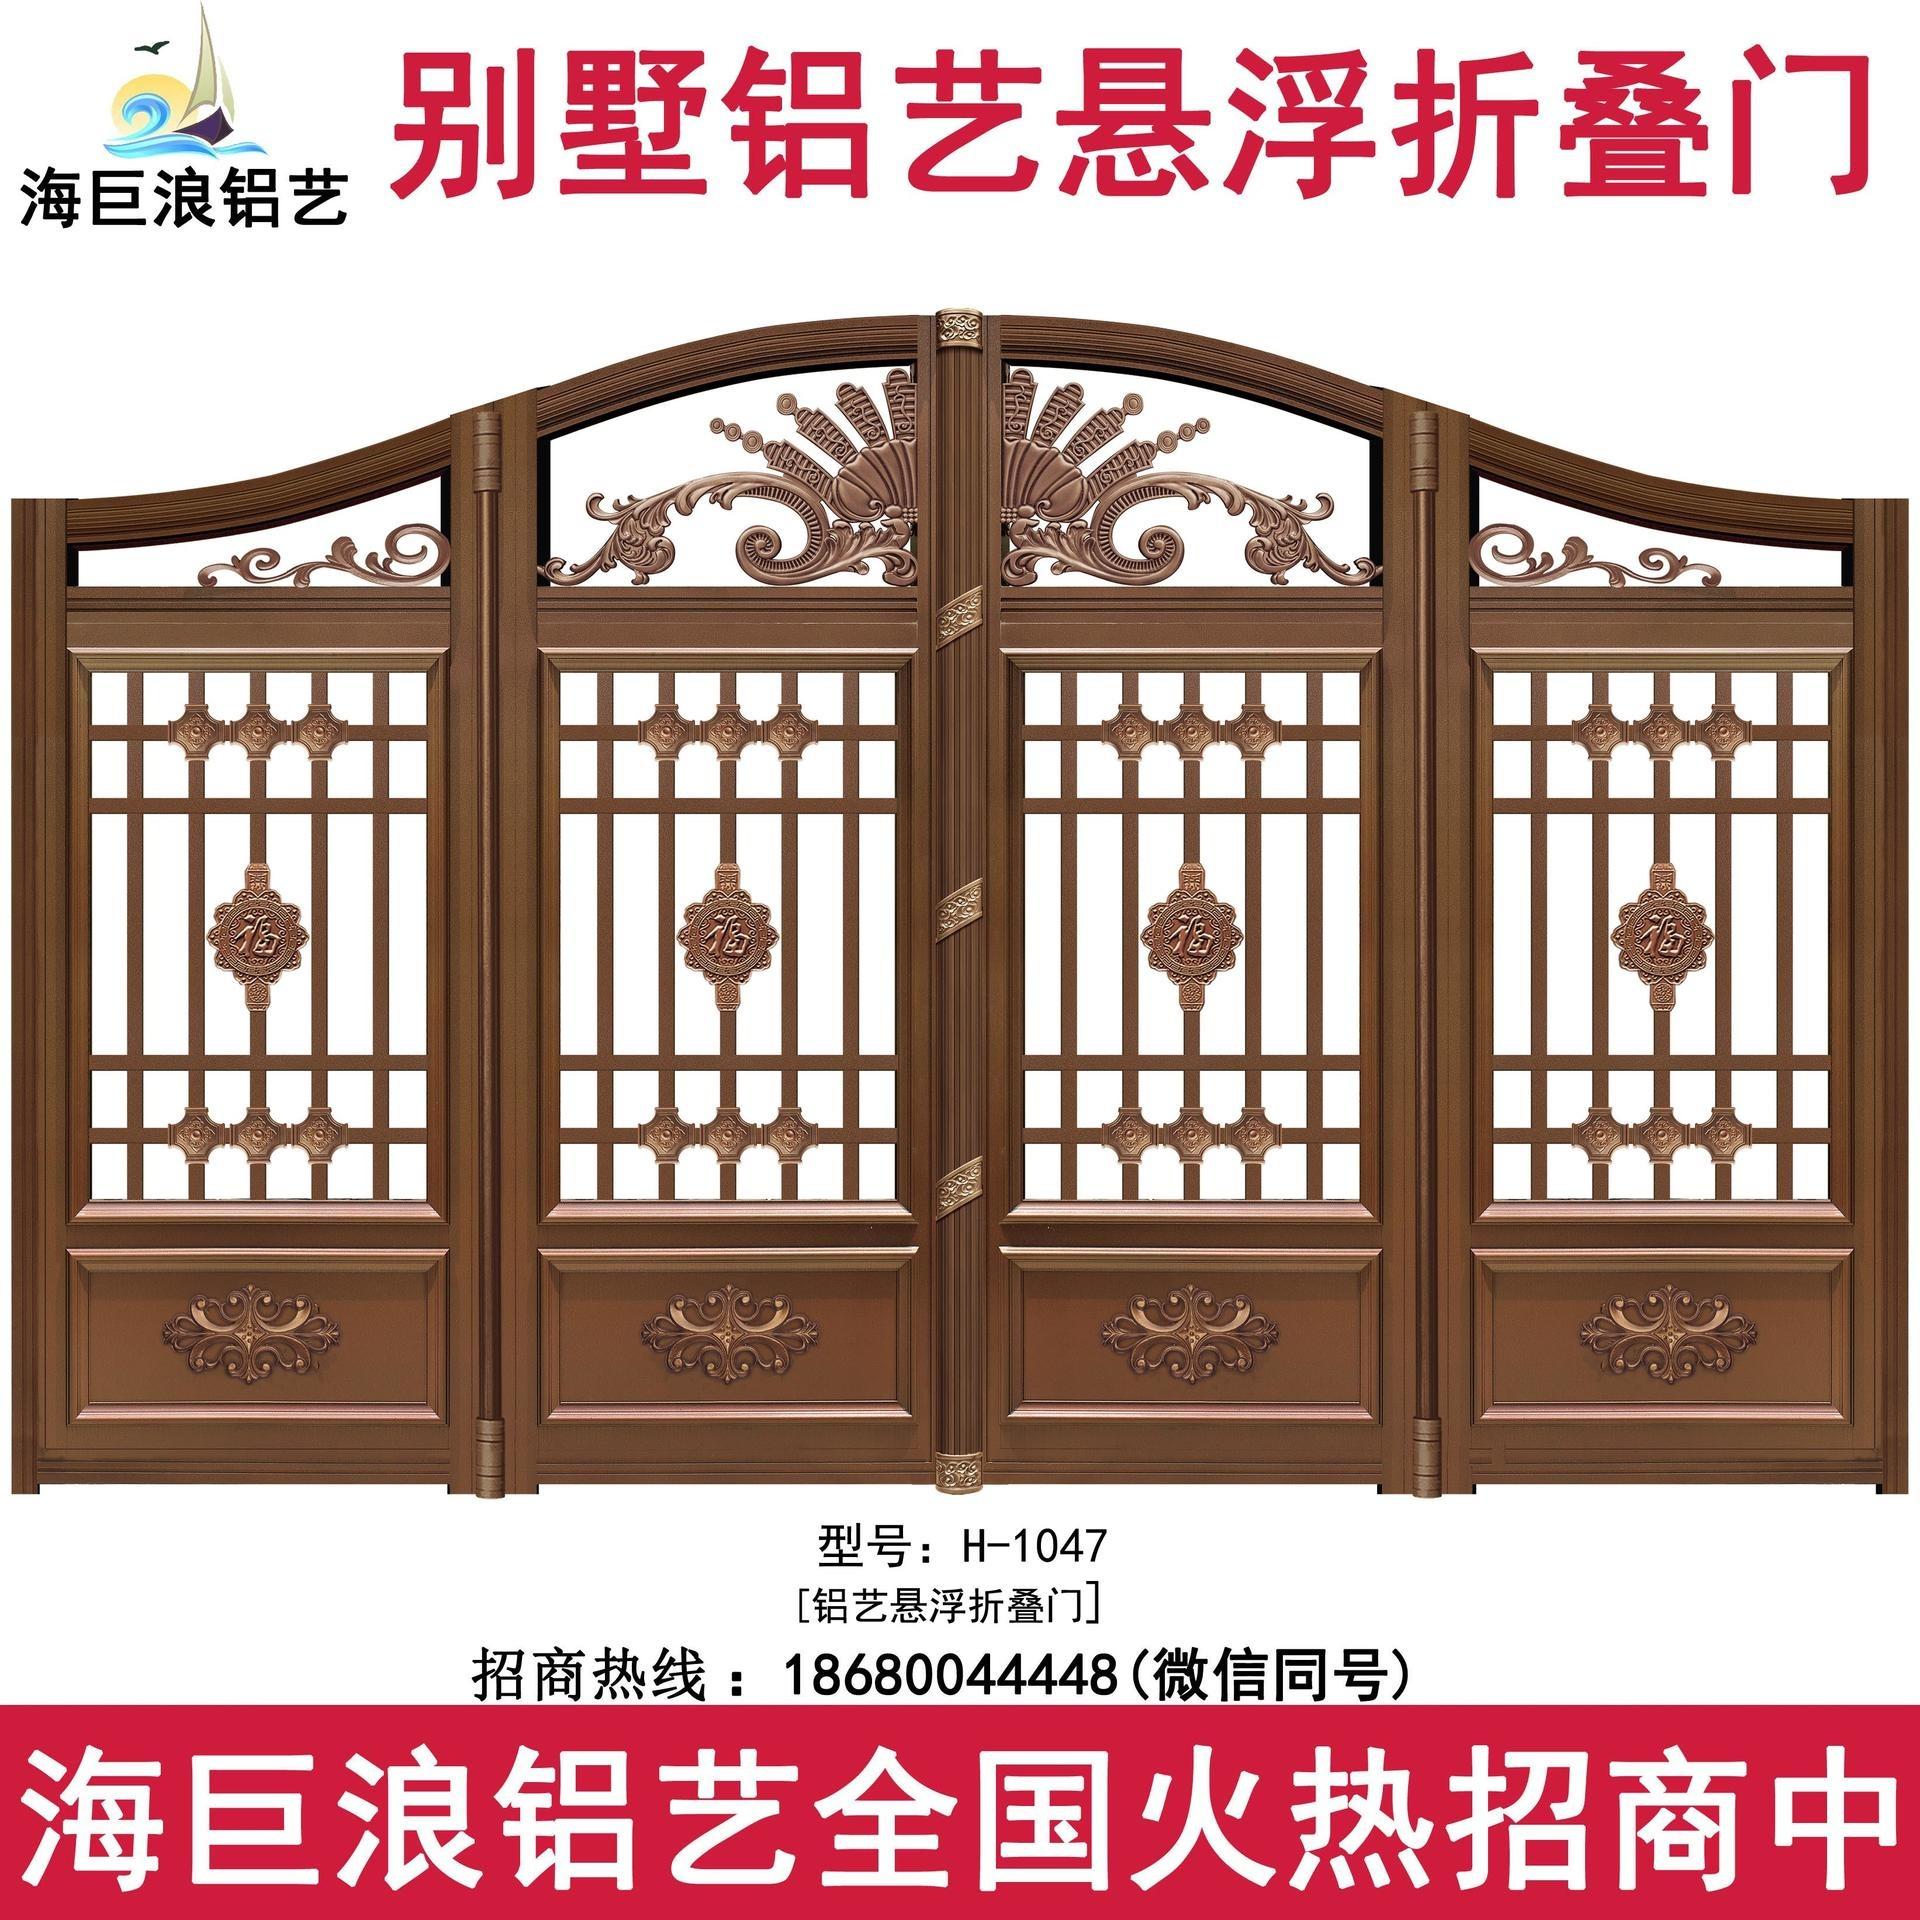 歐式別墅鋁藝庭院門 鋁合金農村院子大門 雙開懸浮折疊電動大門